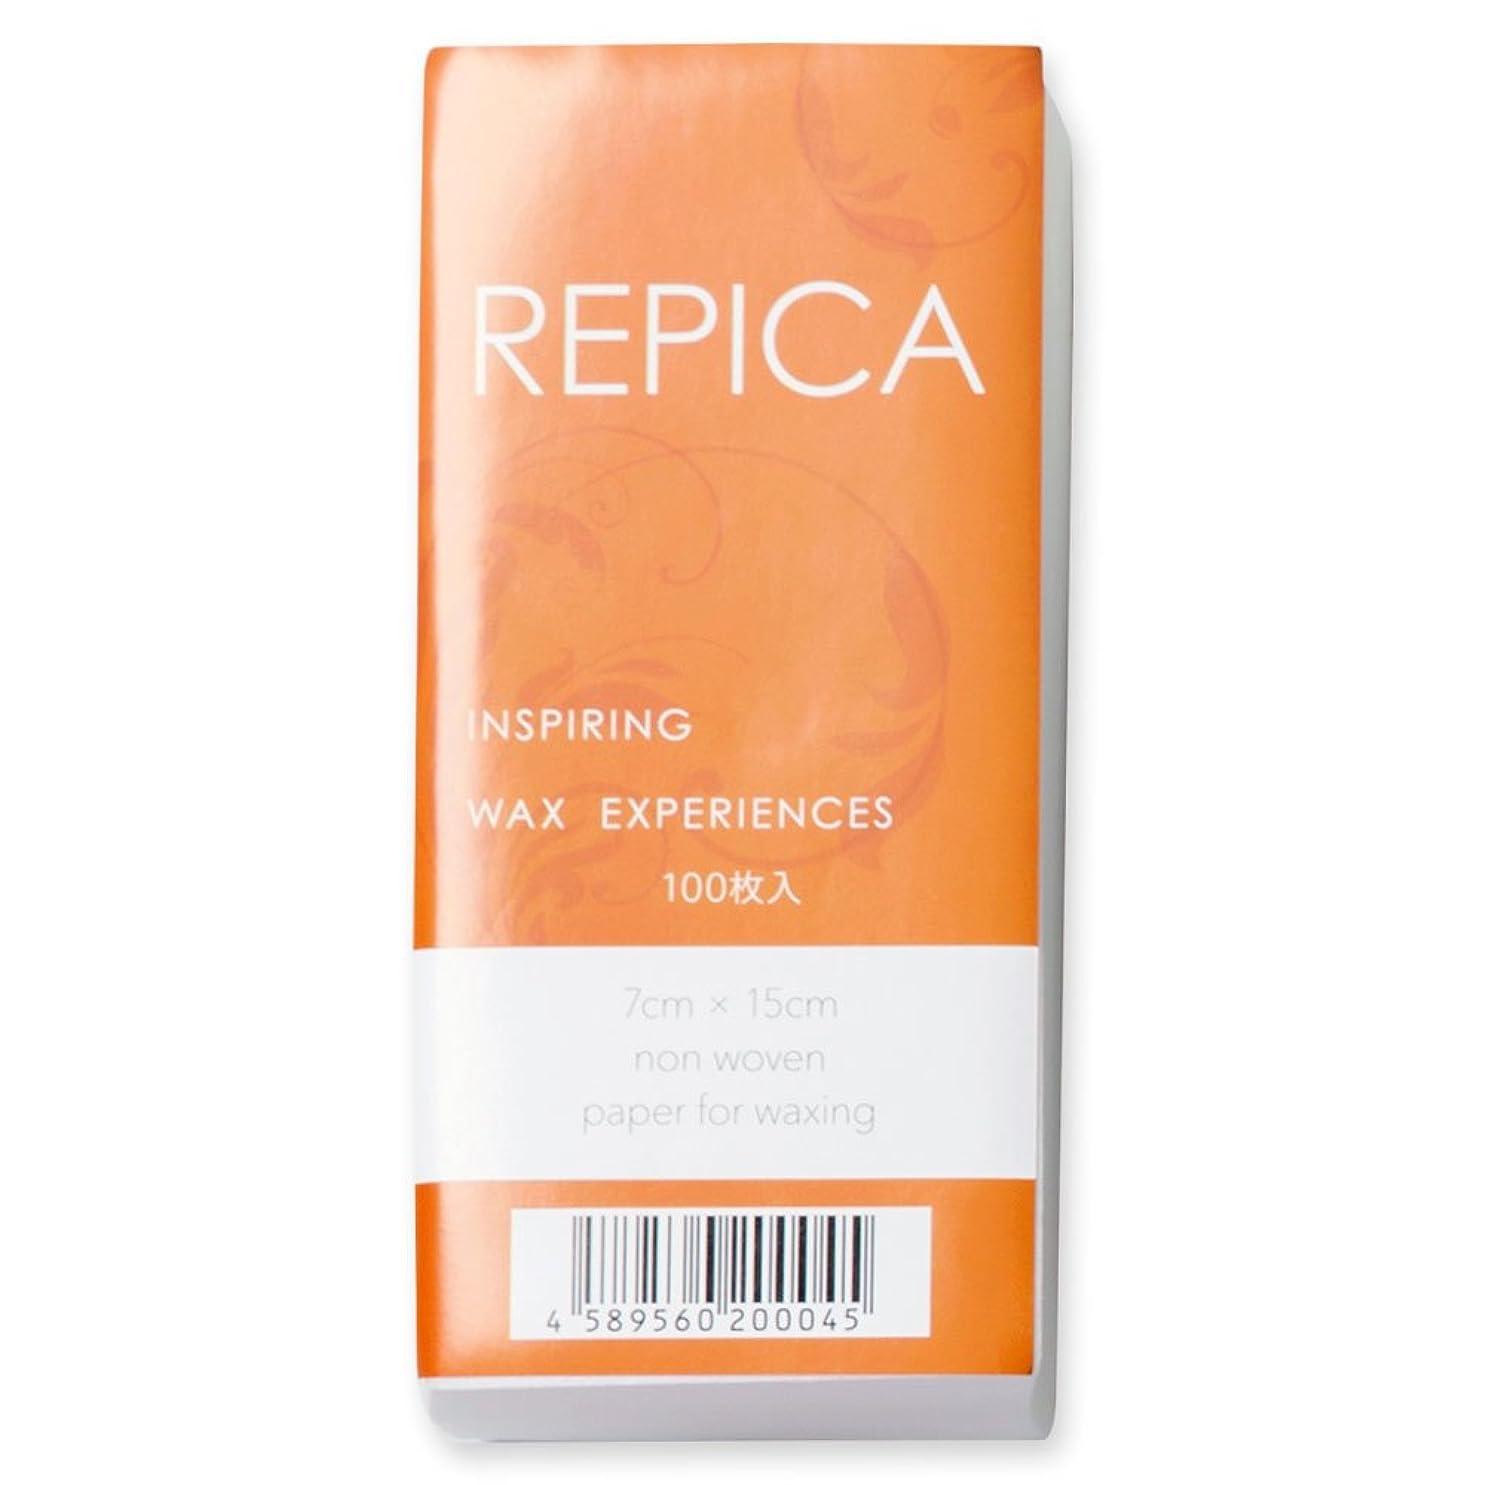 モチーフビデオ目に見えるREPICA ブラジリアンワックス脱毛 カットペーパー Mサイズ100枚入り×1個 ワックス脱毛 ワックスシート ストリップシート